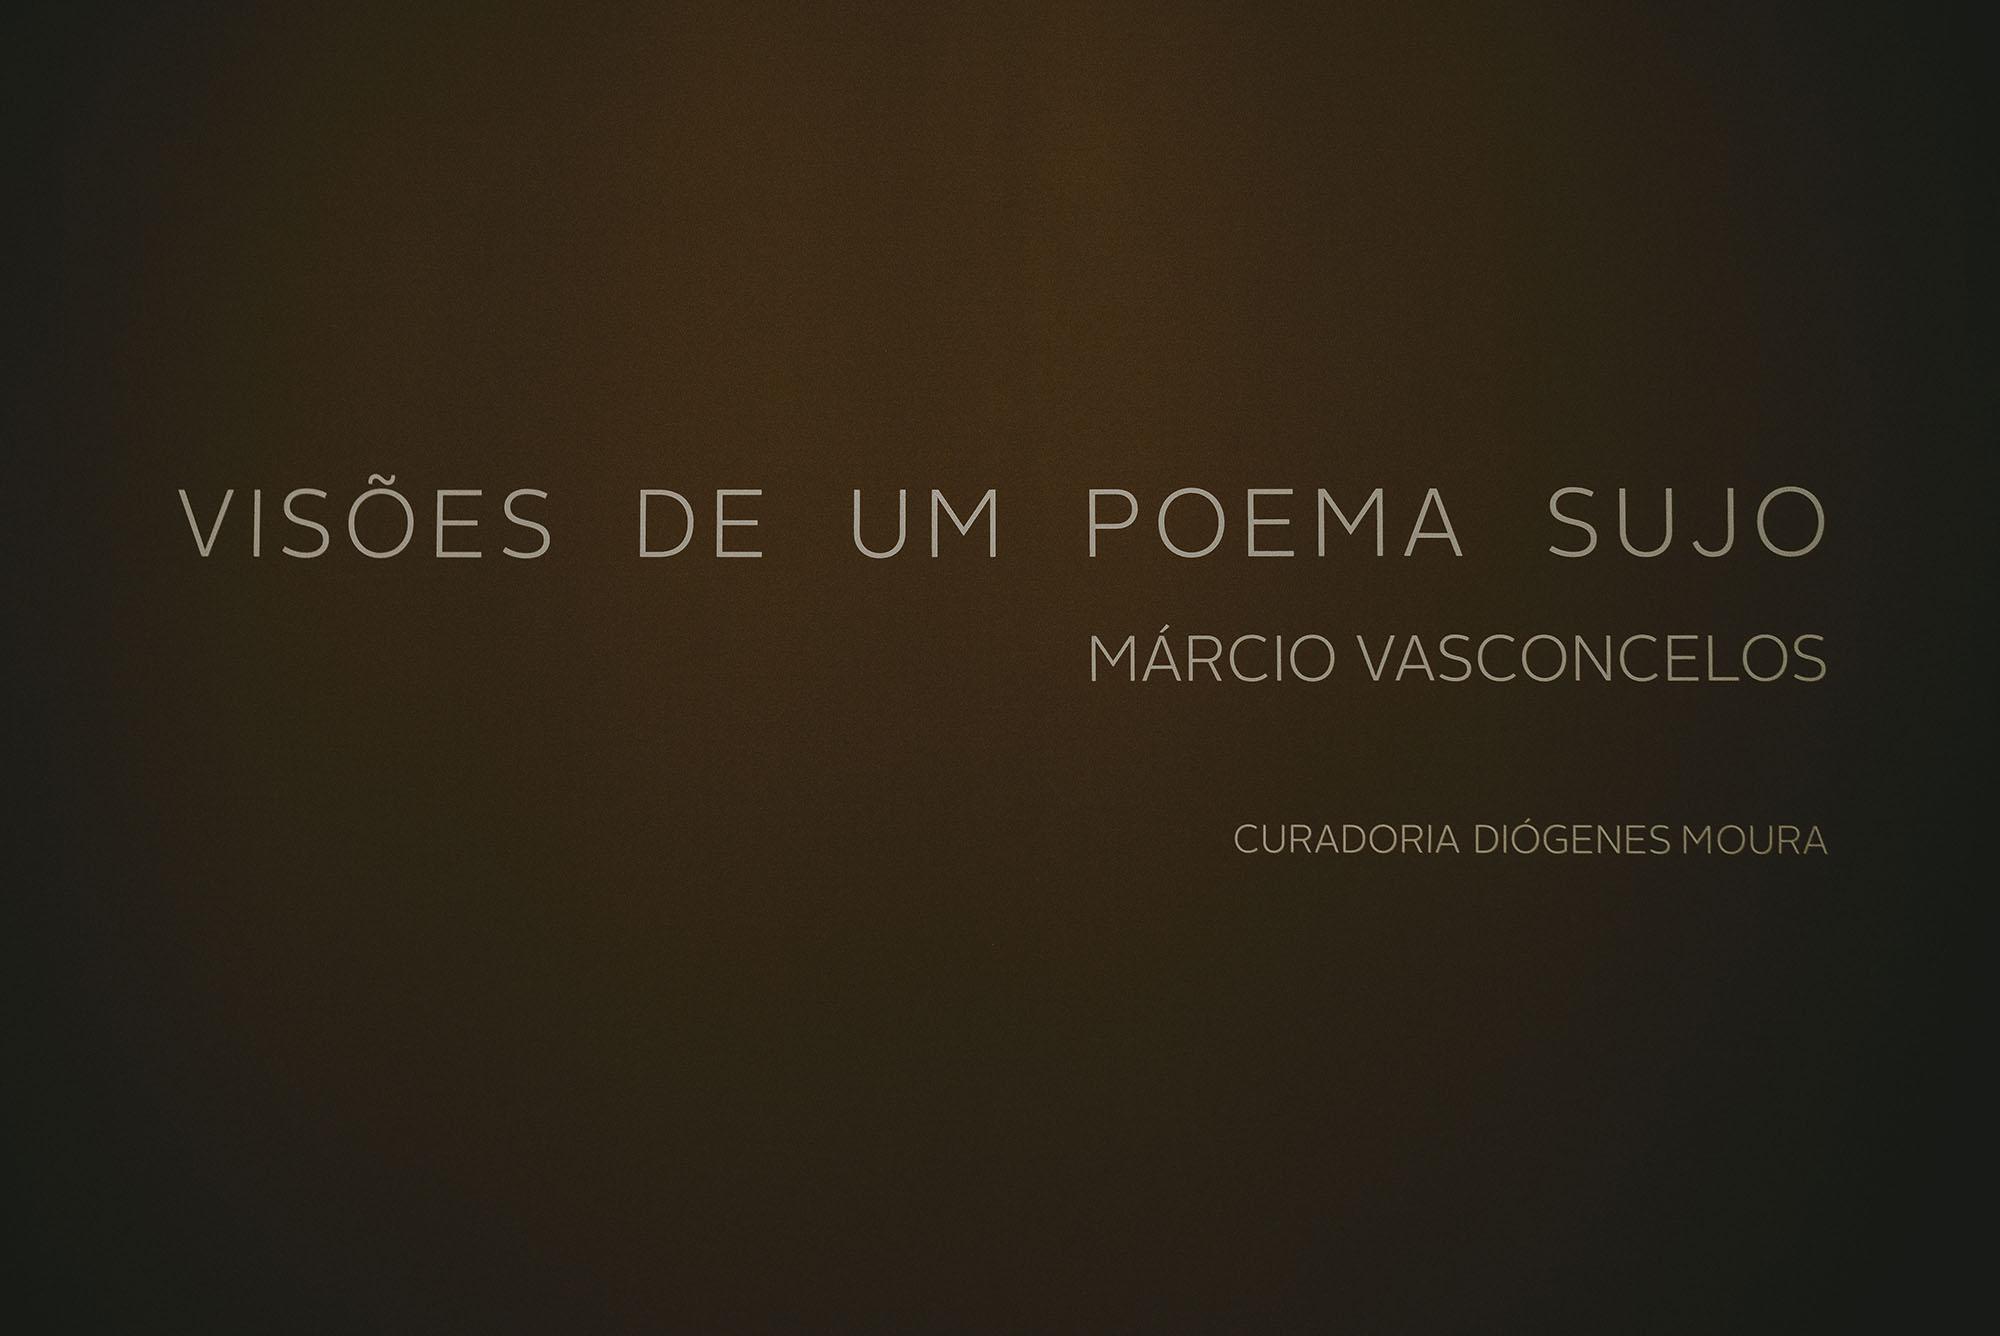 Visões-de-um-poema-sujo : exposição-lançamento-livro : Márcio Vasconcelos : Gustavo Semeghini : Blog -004.jpg